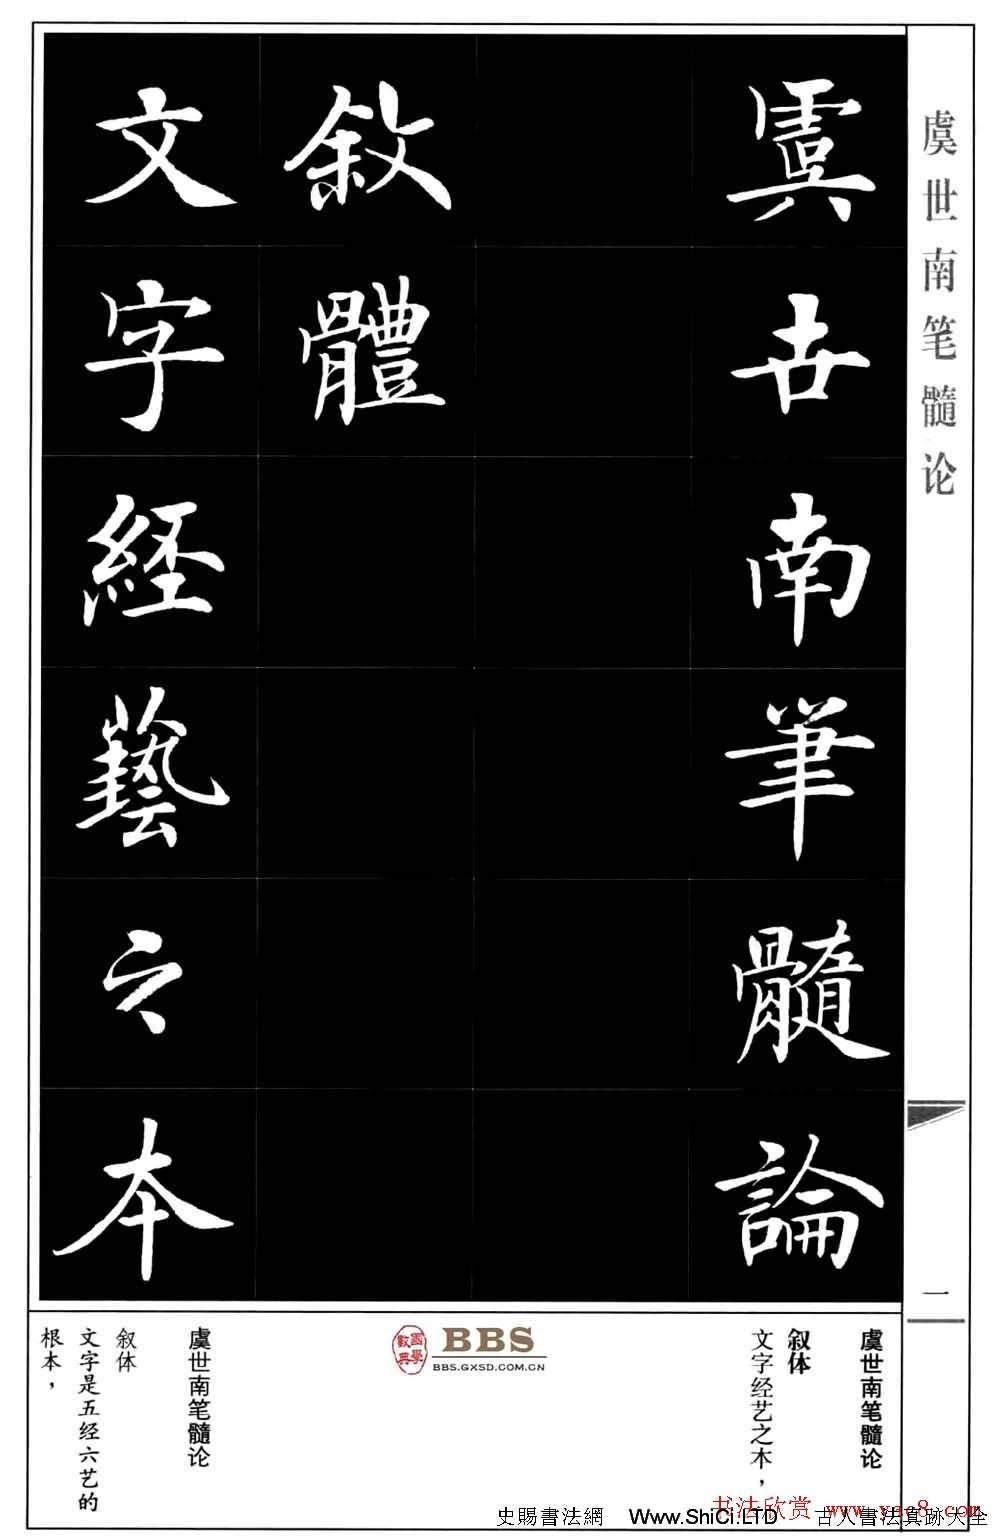 房弘毅書法楷書字帖《虞世南筆髓論》(共73張圖片)